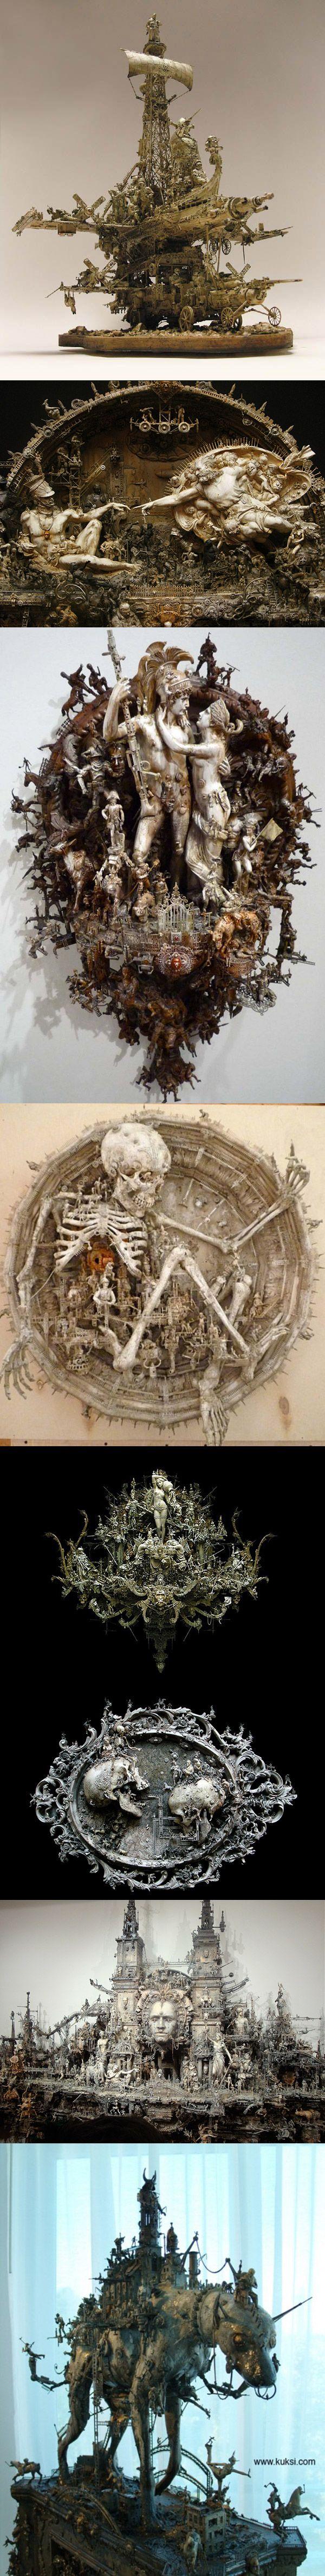 Les sculptures hallucinantes de Kris Kuksi (USA) qui est un maître du détail et du macabre.